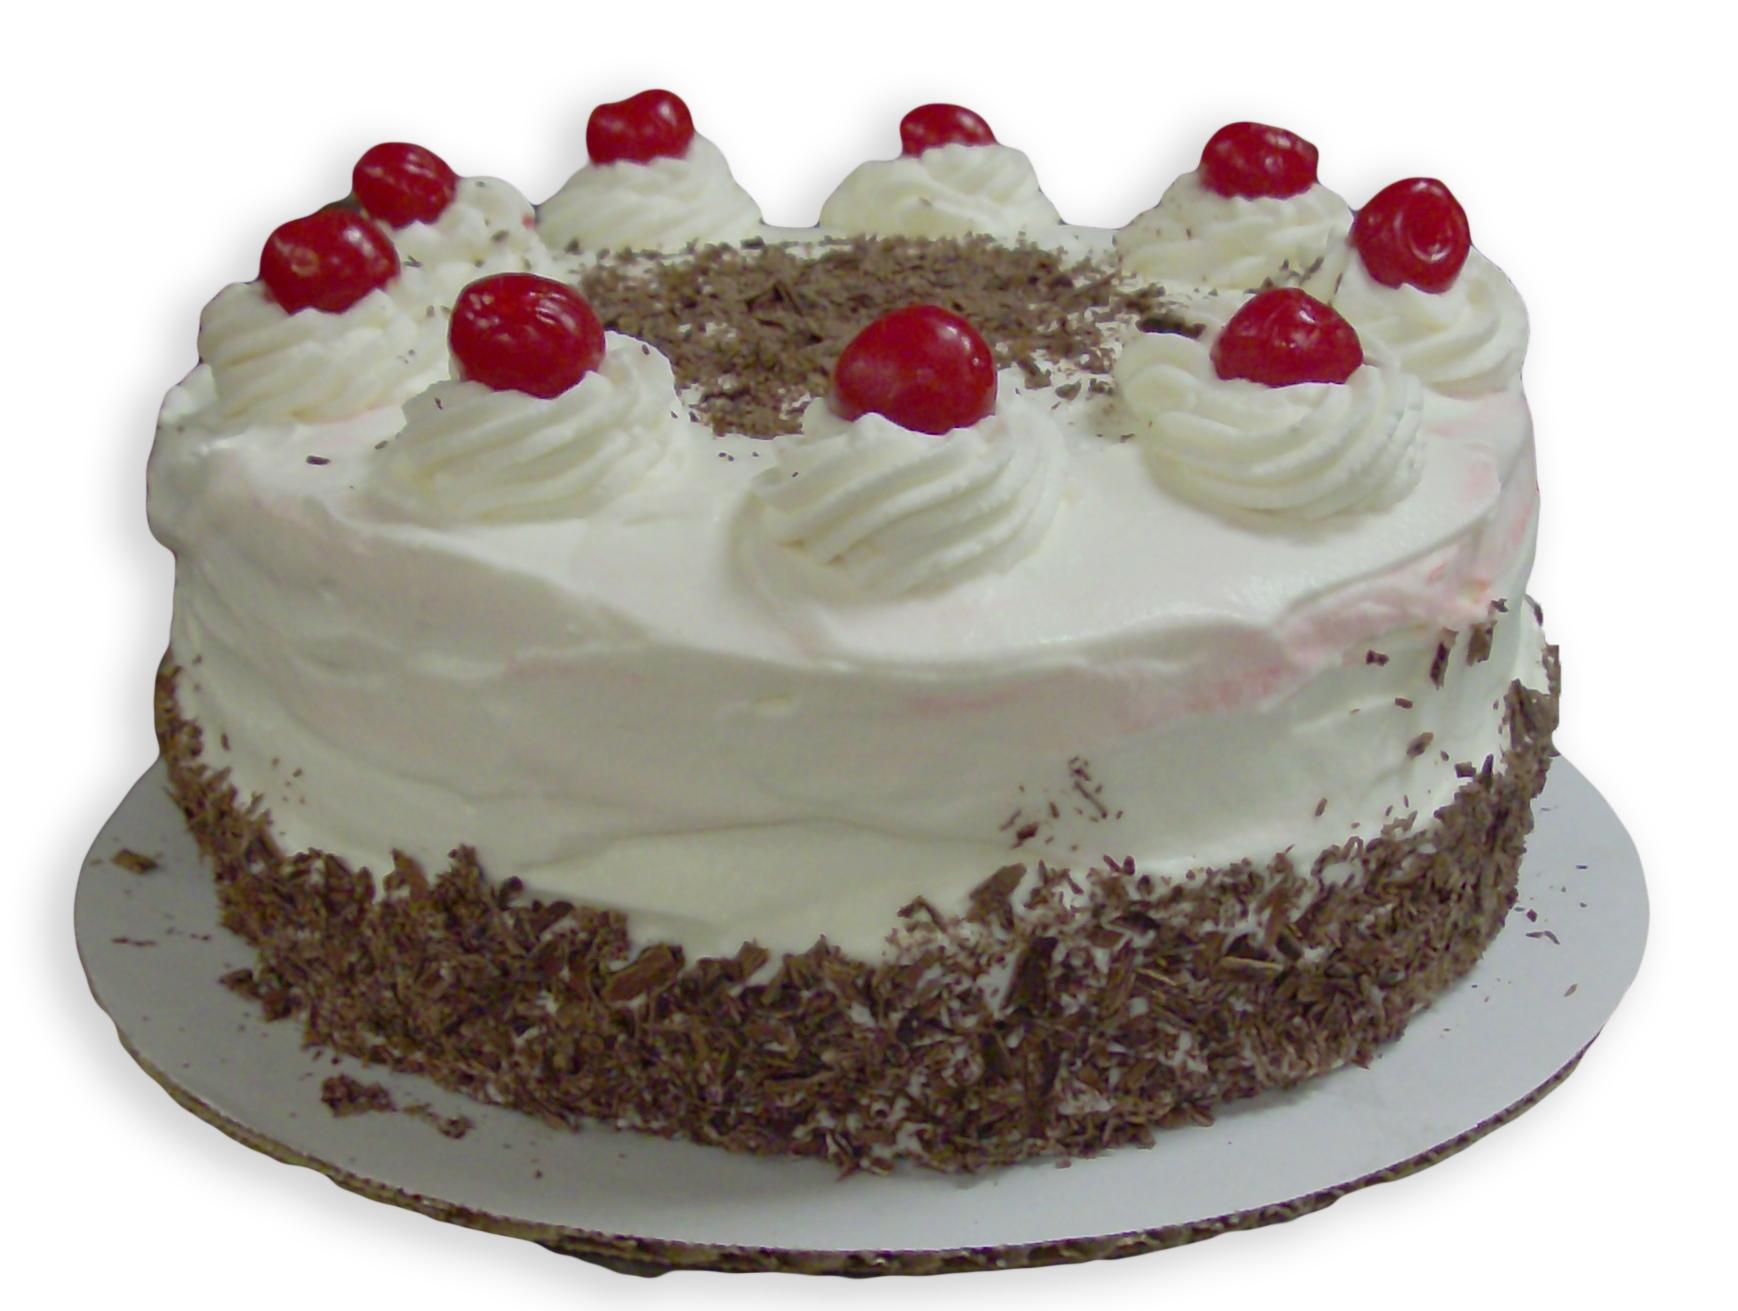 Schwarzwalder-KirschTortes-(Black-Forest-Cake)